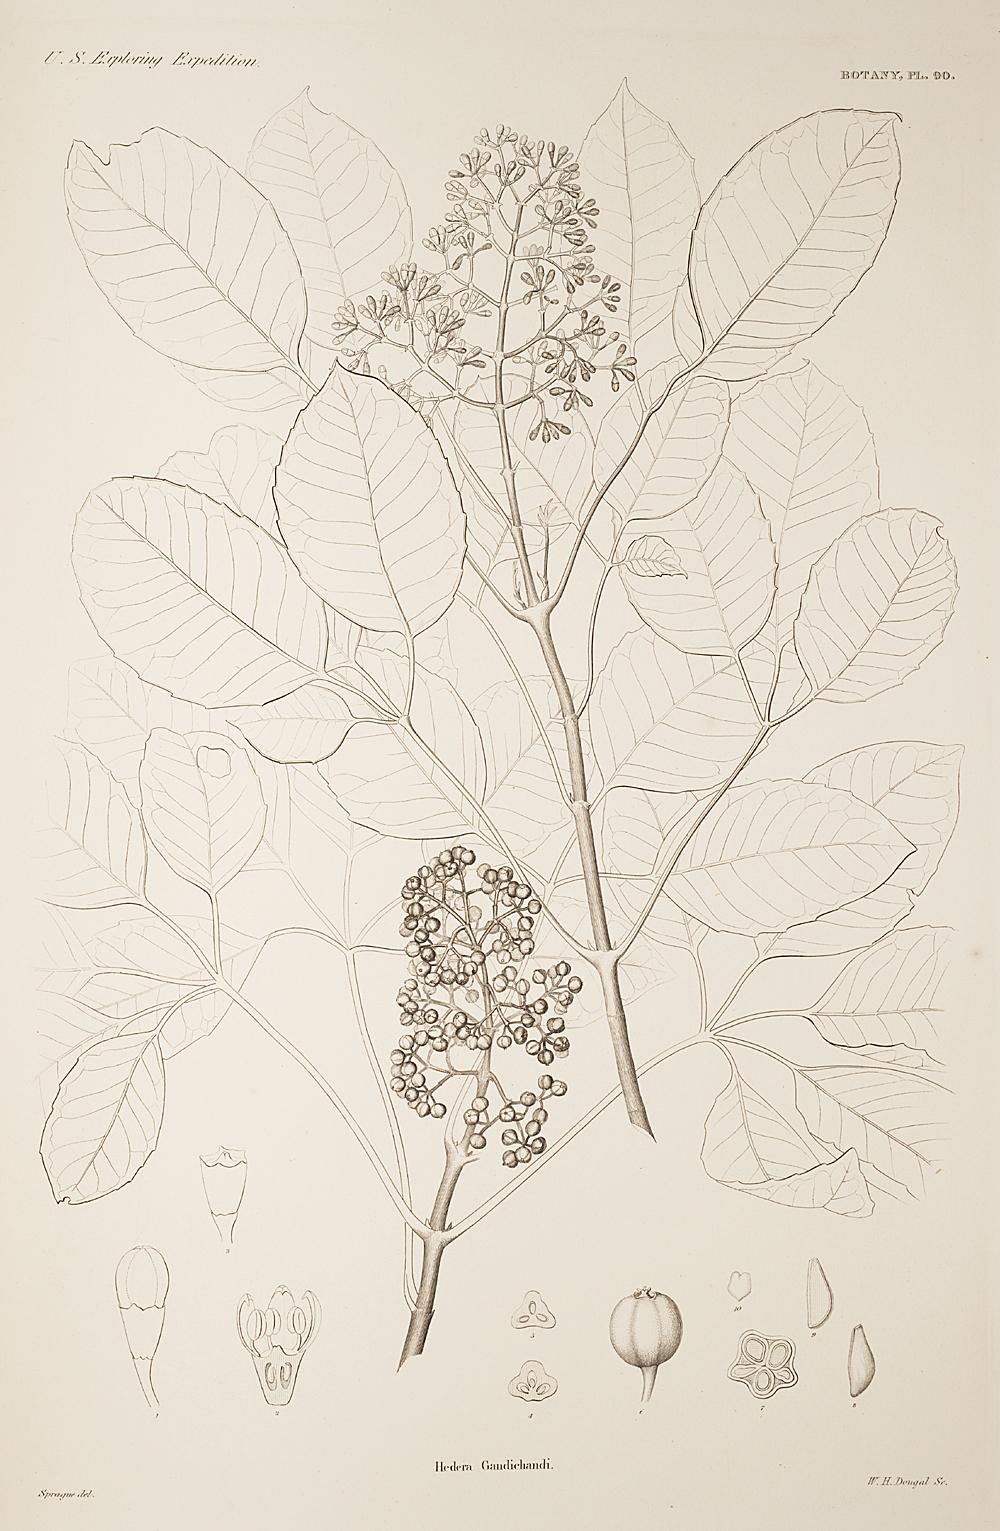 Botany, Pl. 90,  Image number:sil19-23-191b